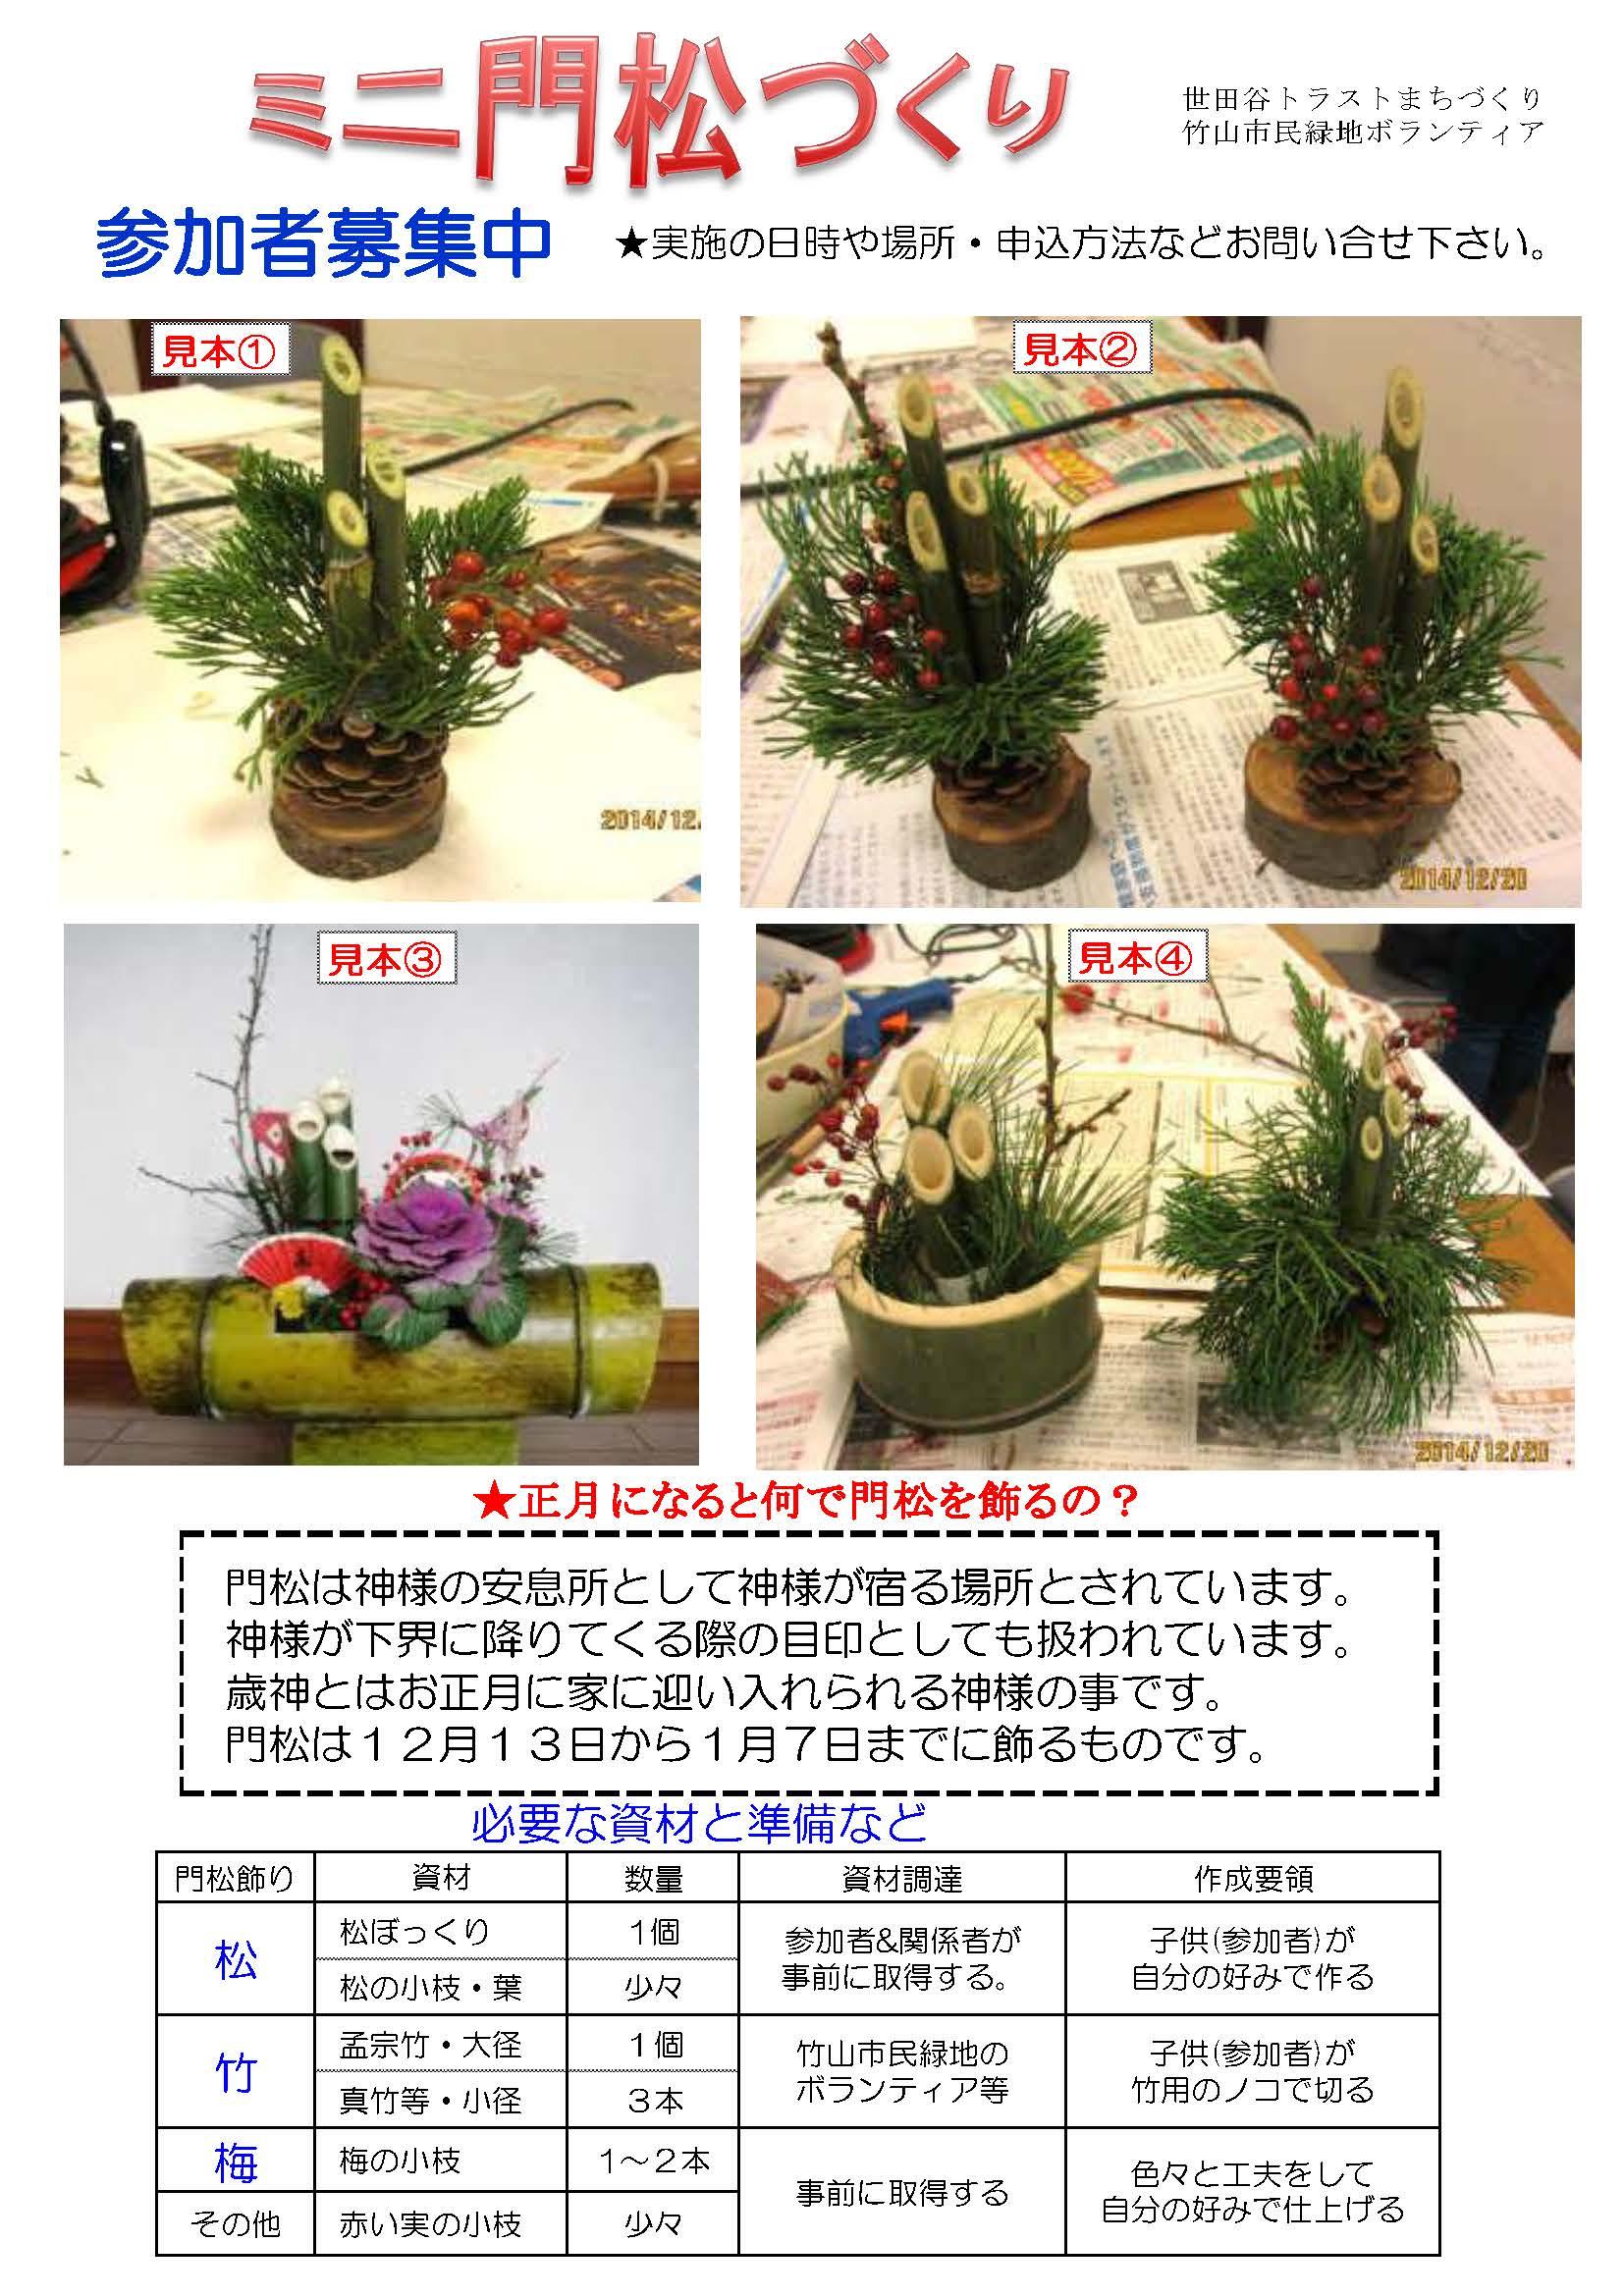 12月19日(月)ミニ門松づくり_c0120851_6292981.jpg